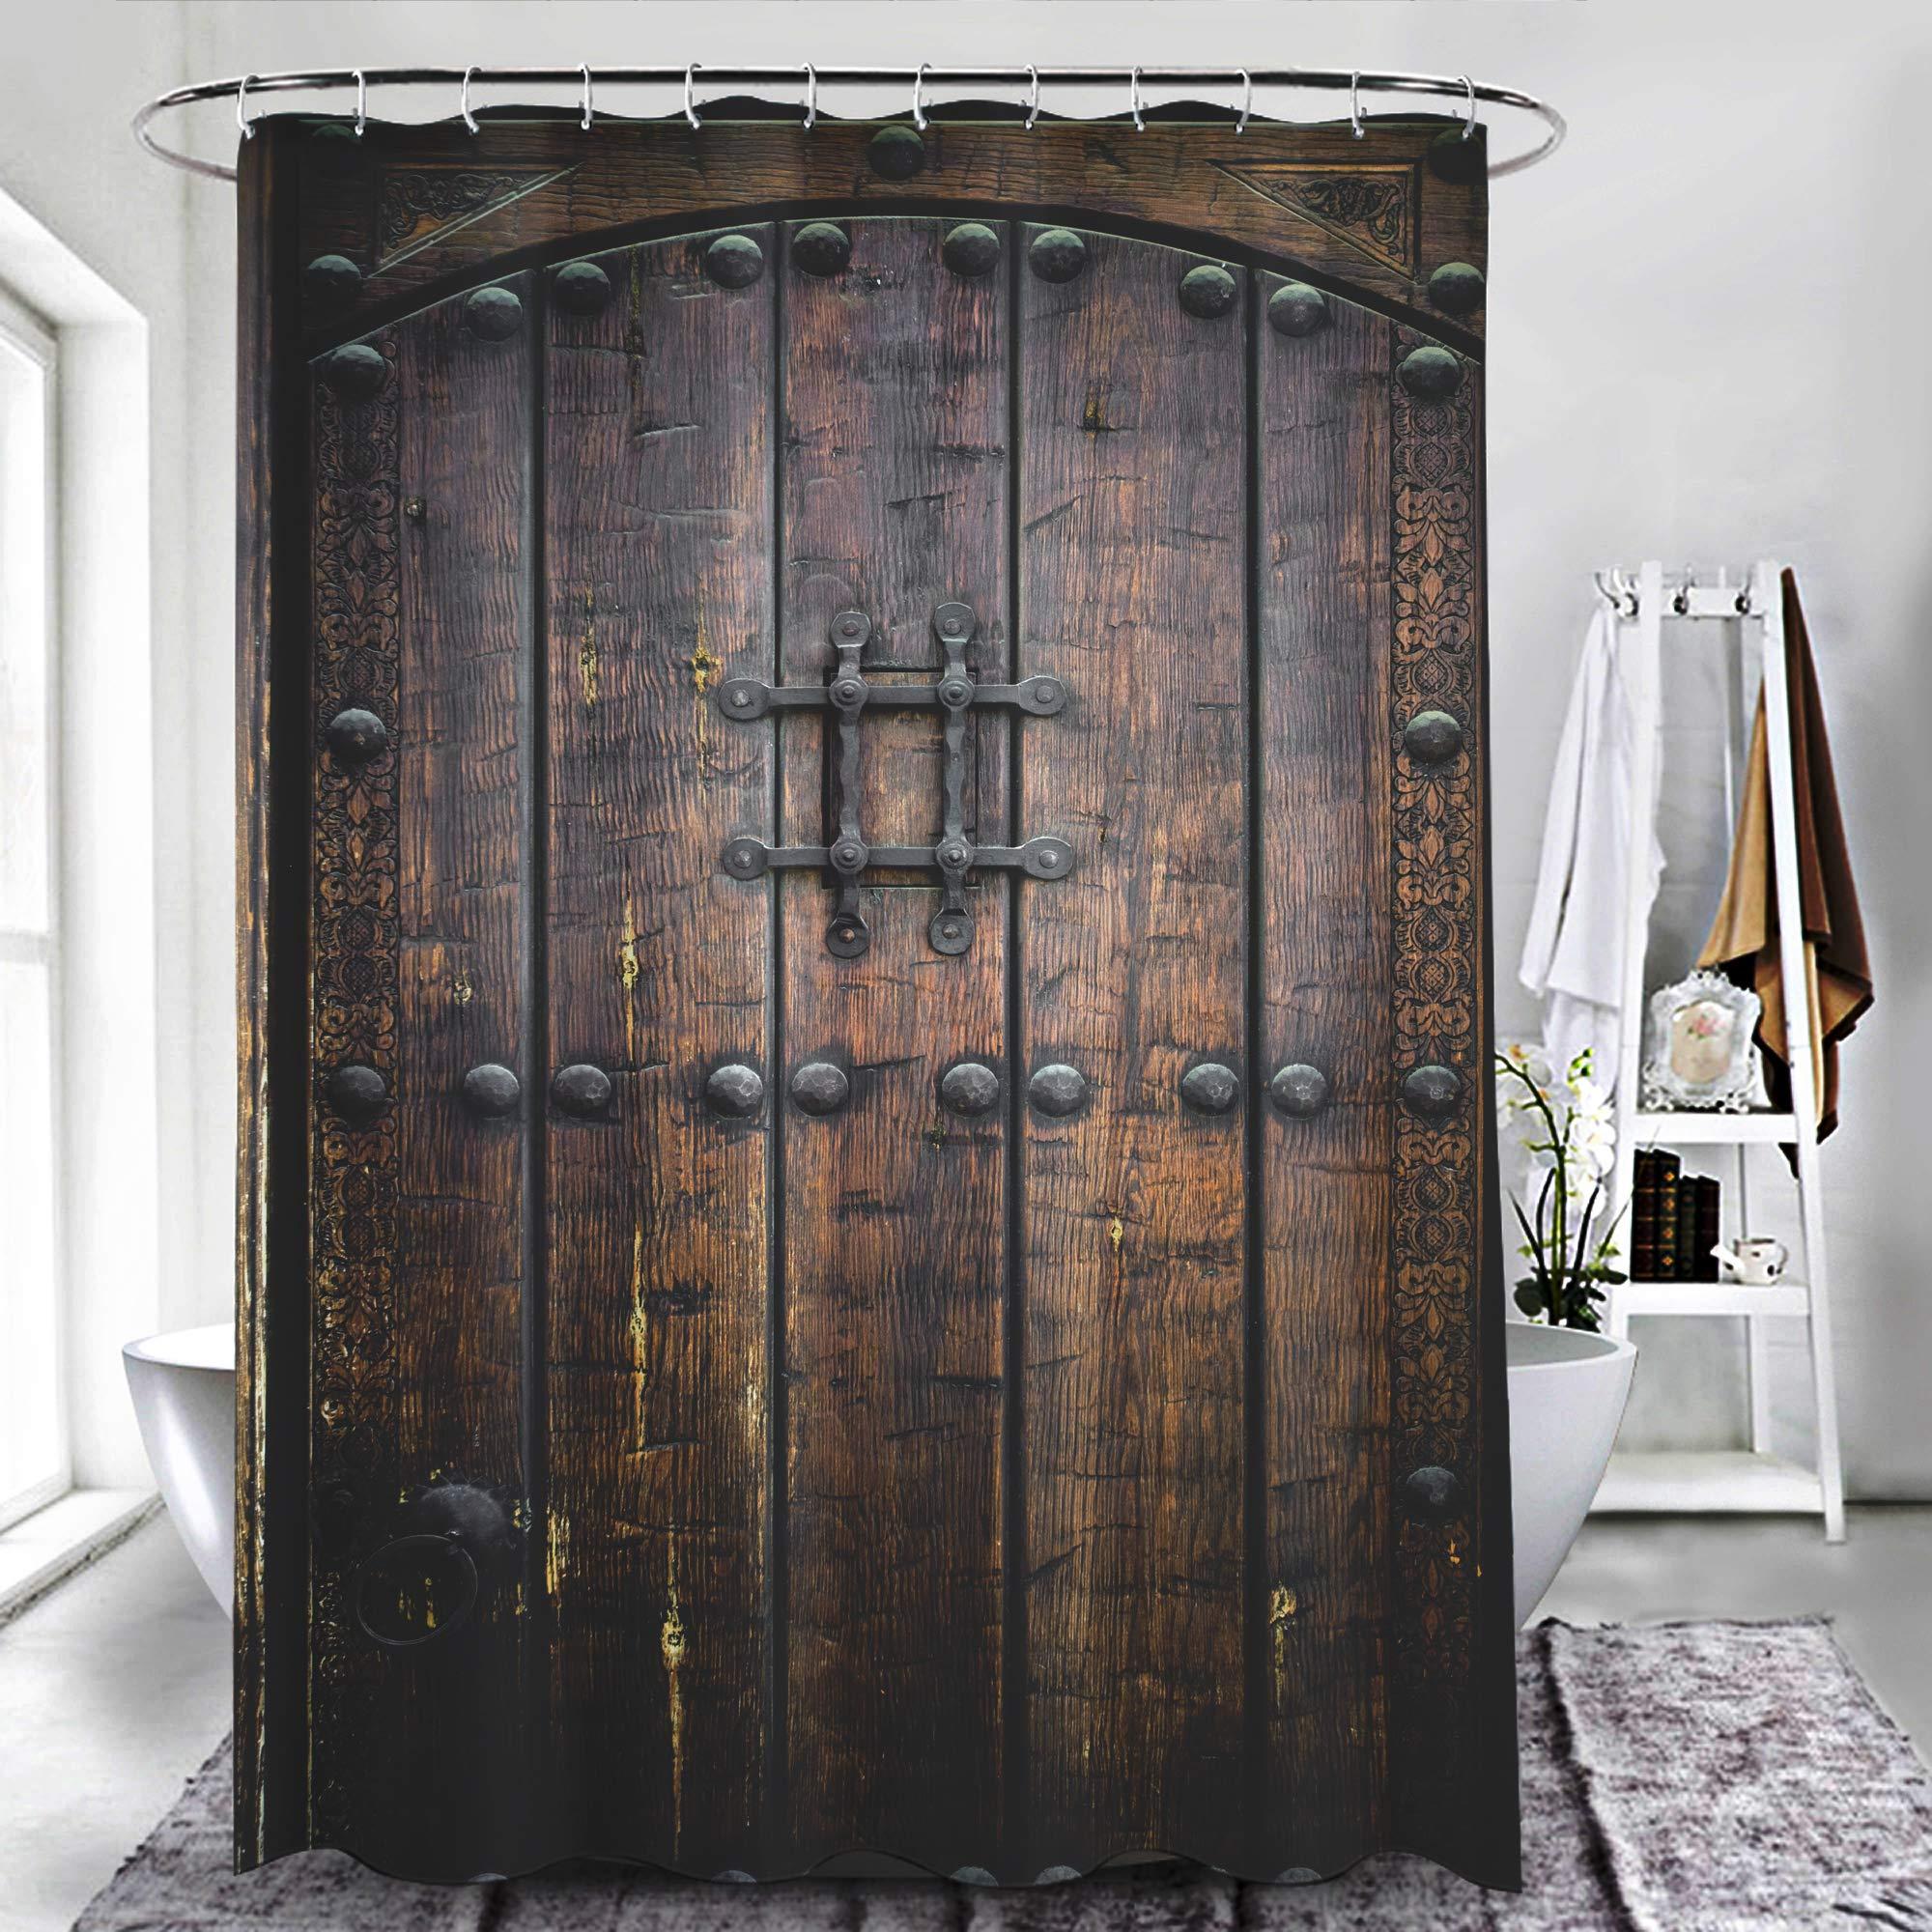 ZXAWT - Cortinas de Ducha Impermeables para baño, Puertas correderas de Madera con Textura rústica: Amazon.es: Hogar